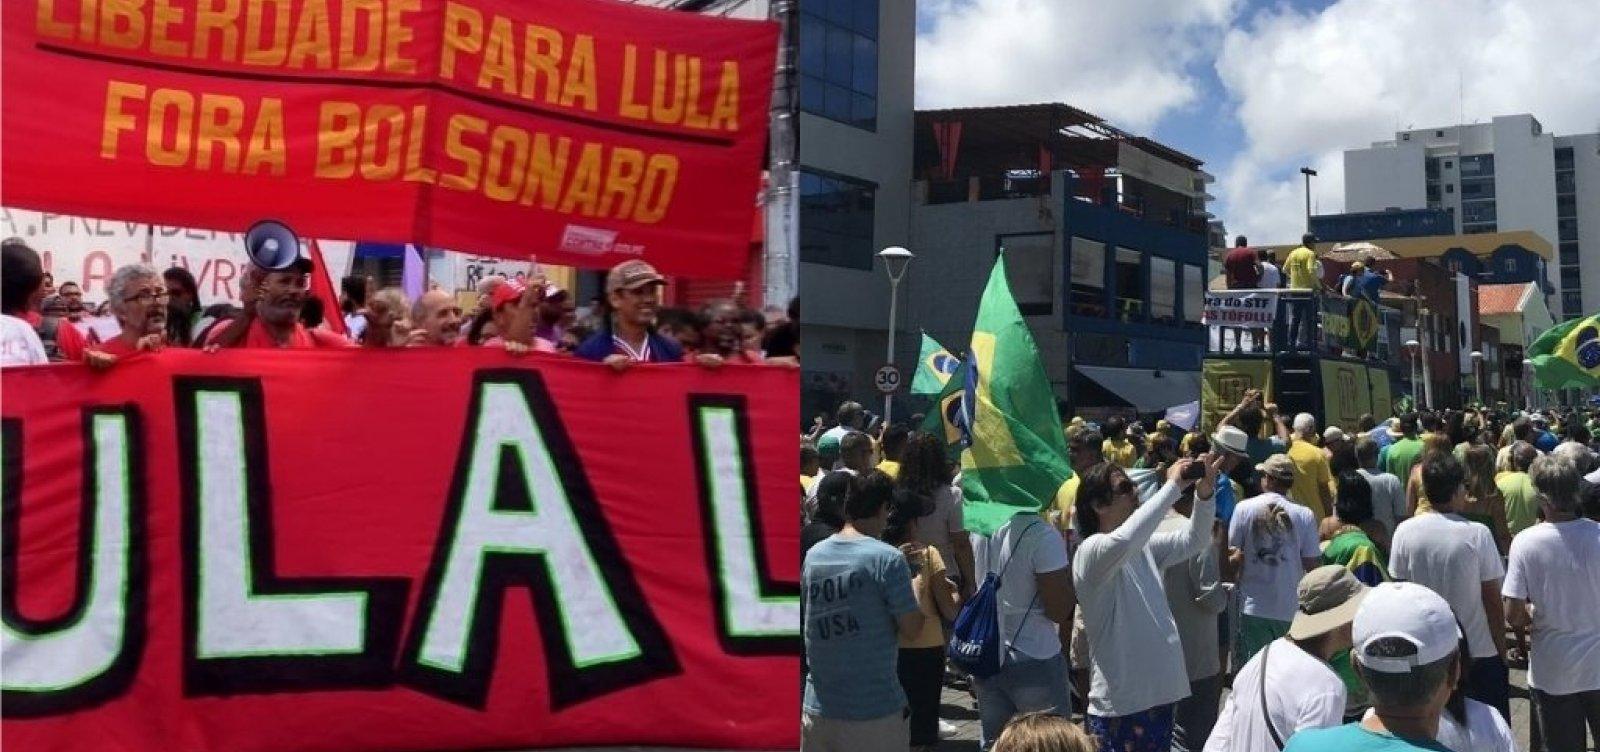 Radicalismo político no Brasil supera média global, aponta estudo